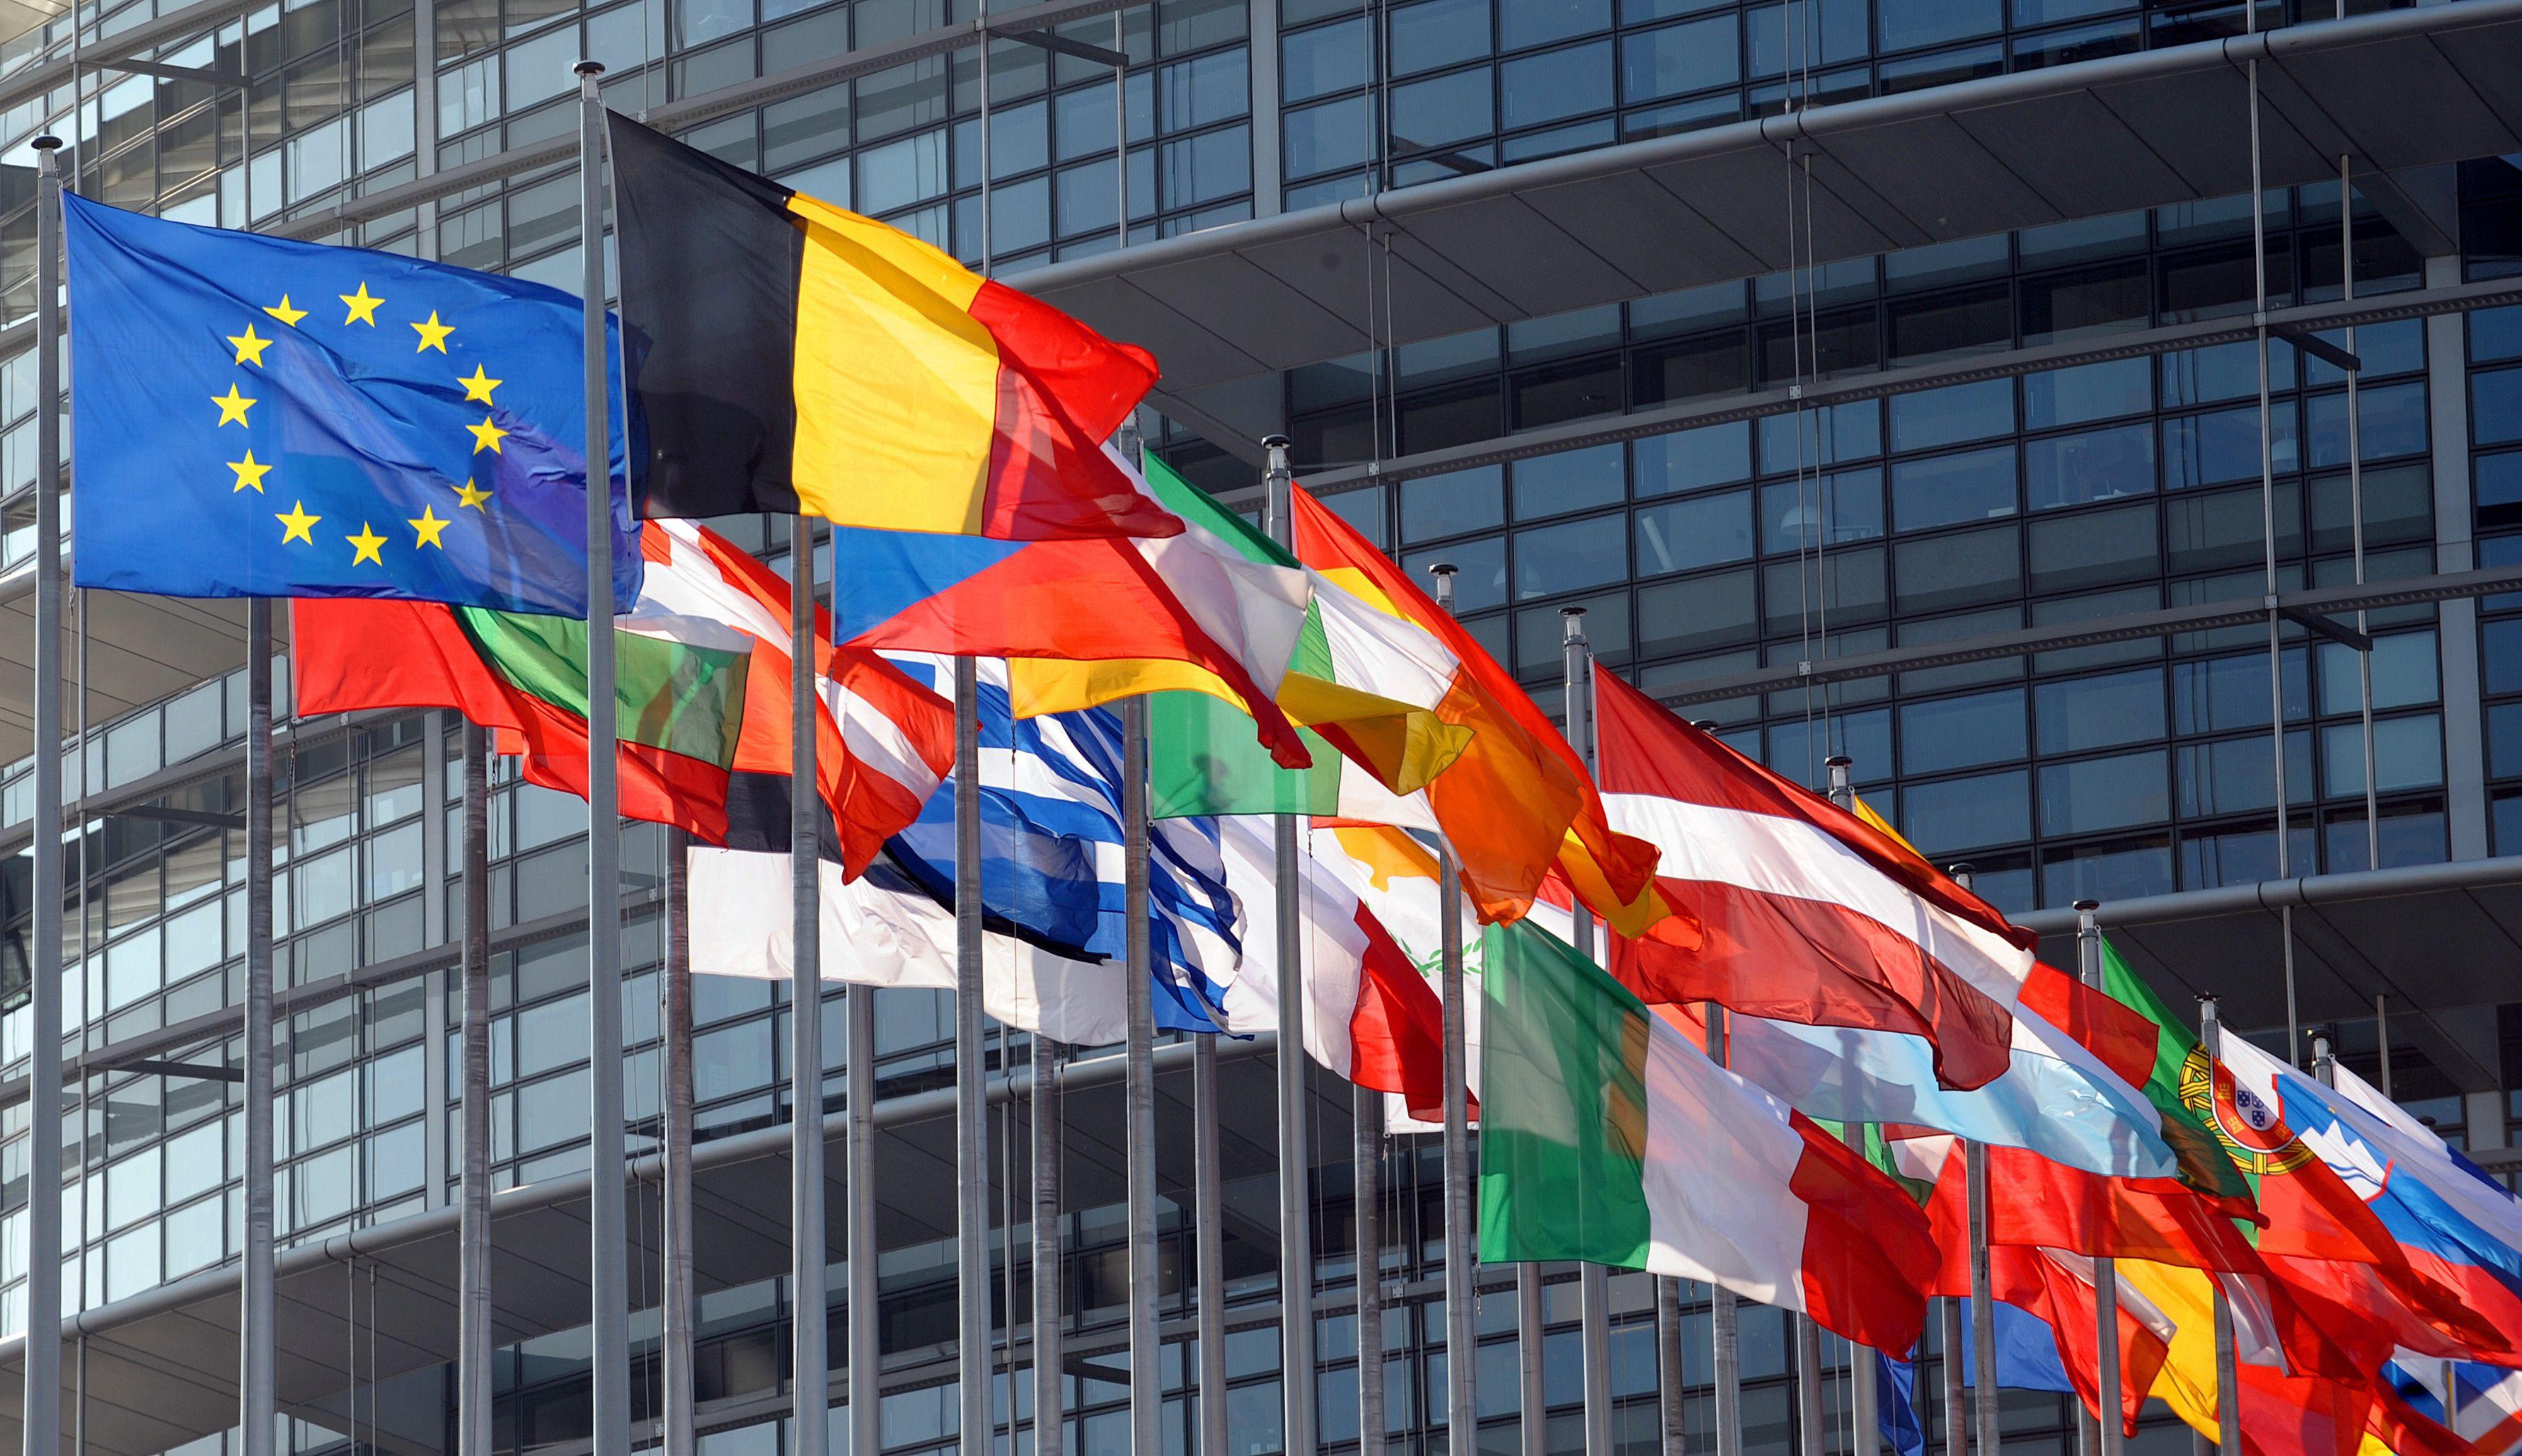 La battaglia di Conte in vista del vertice Ue del 23 aprile